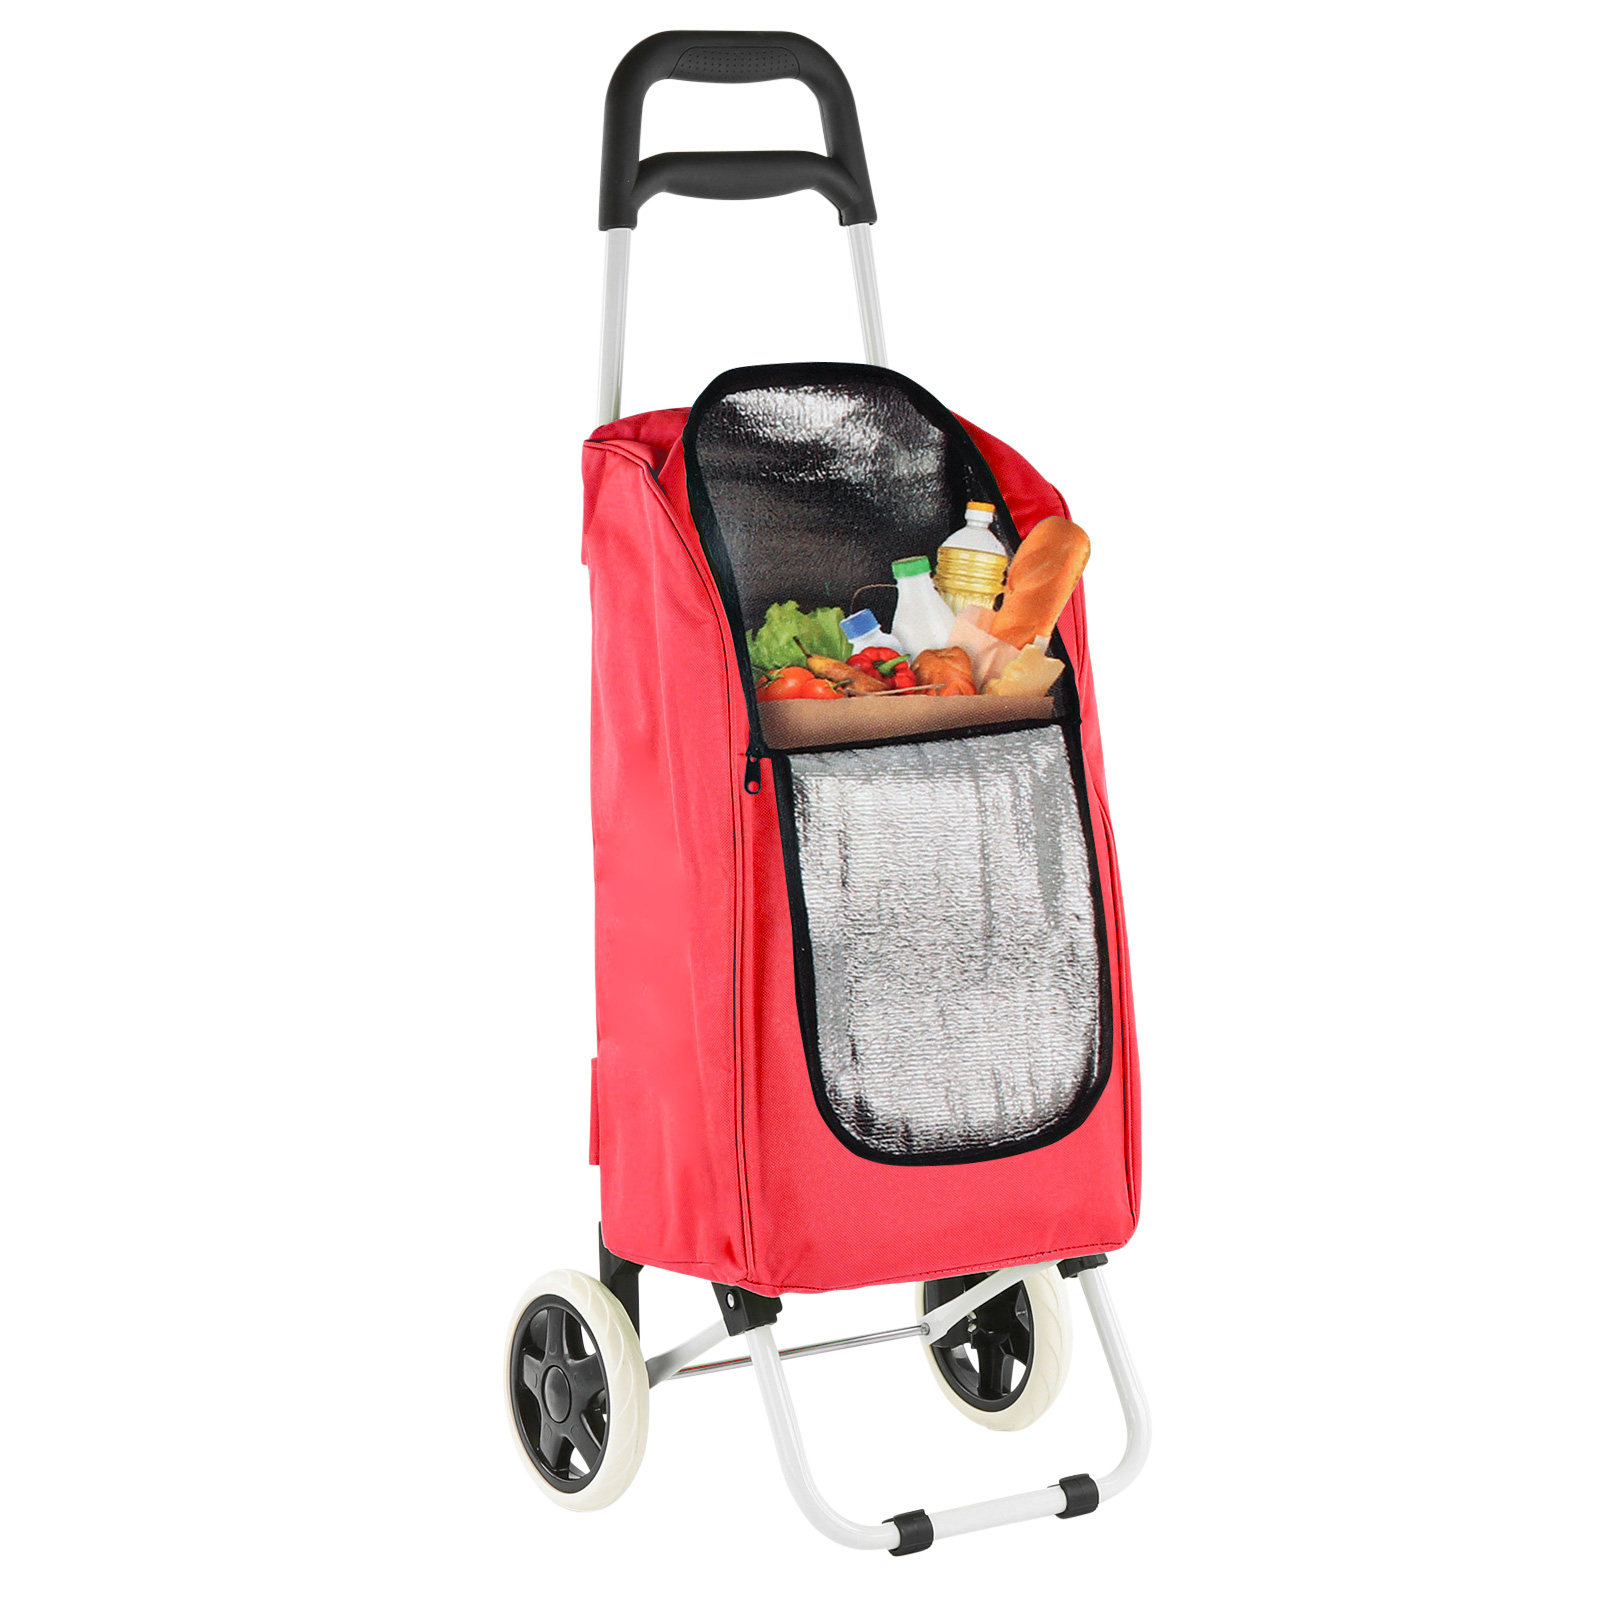 Trolley Rot Einkaufstrolley Kühltasche 90x34,5x29cm 25Ltr klappbar